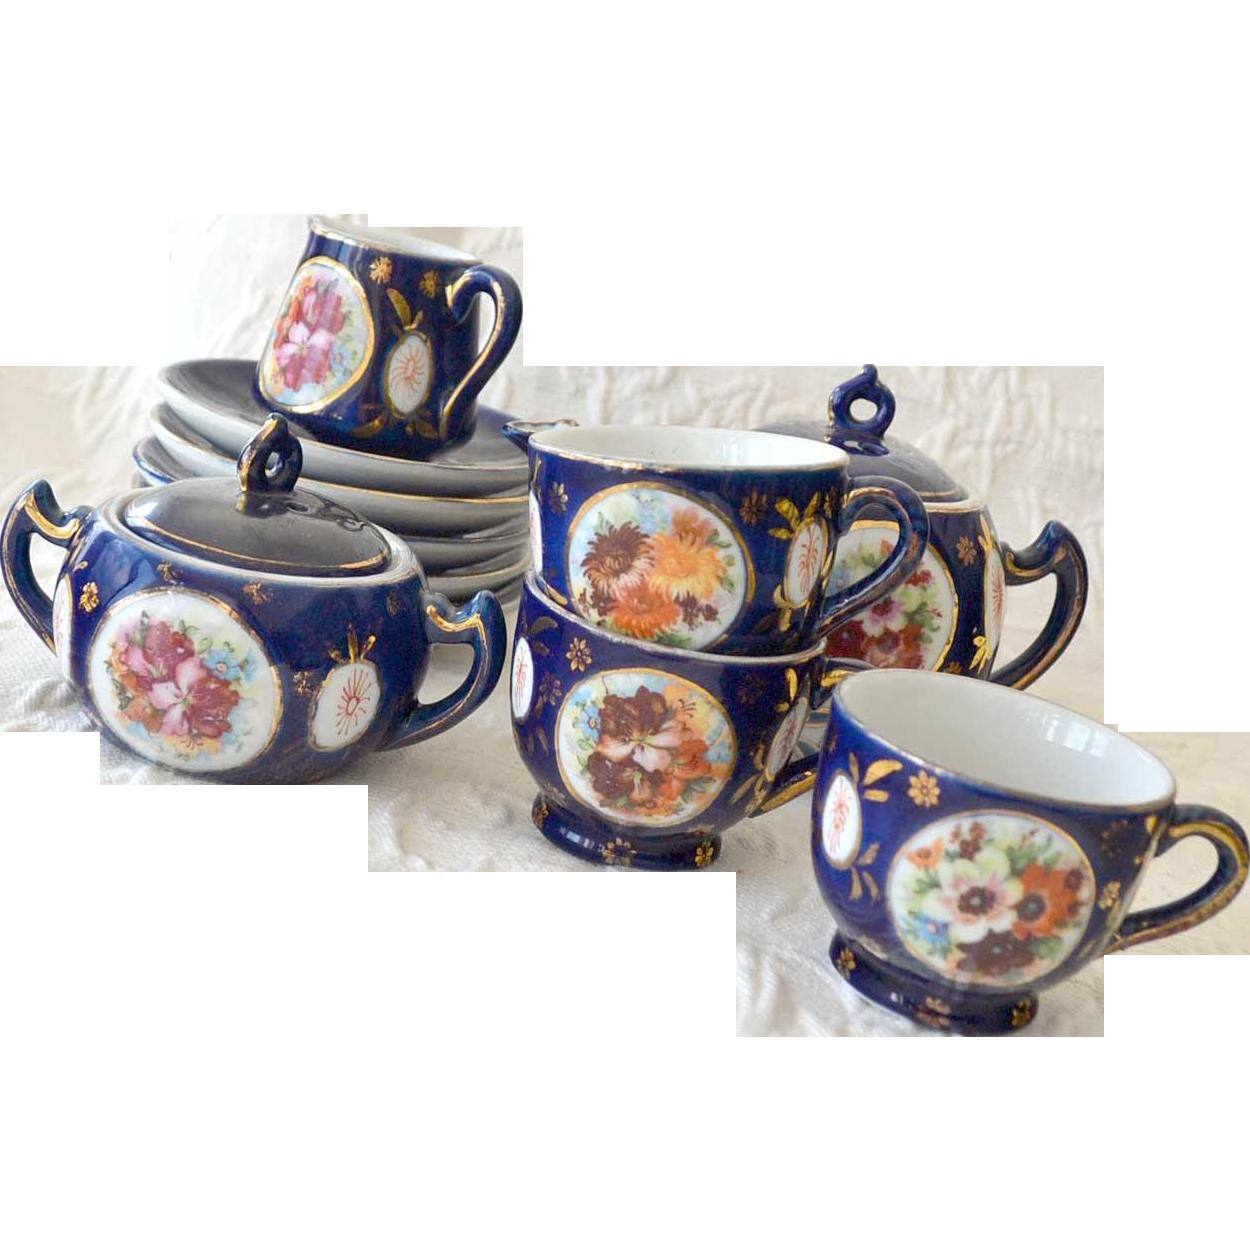 Childrens Tea Set Cobalt Blue Porcelain